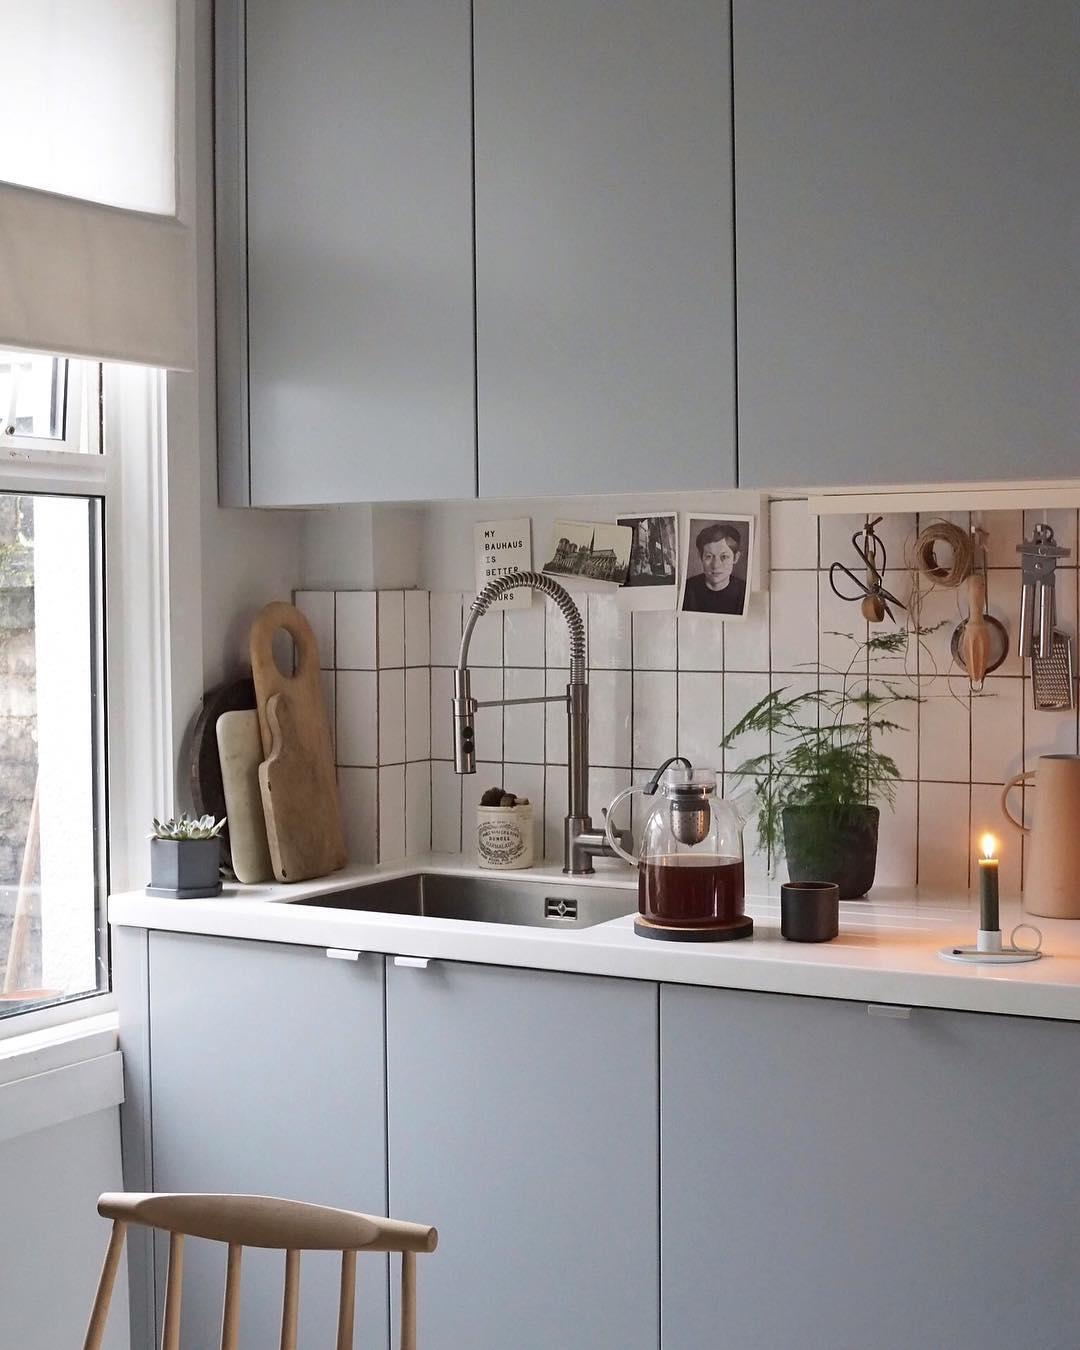 餐厅现代简约厨房设计图片赏析